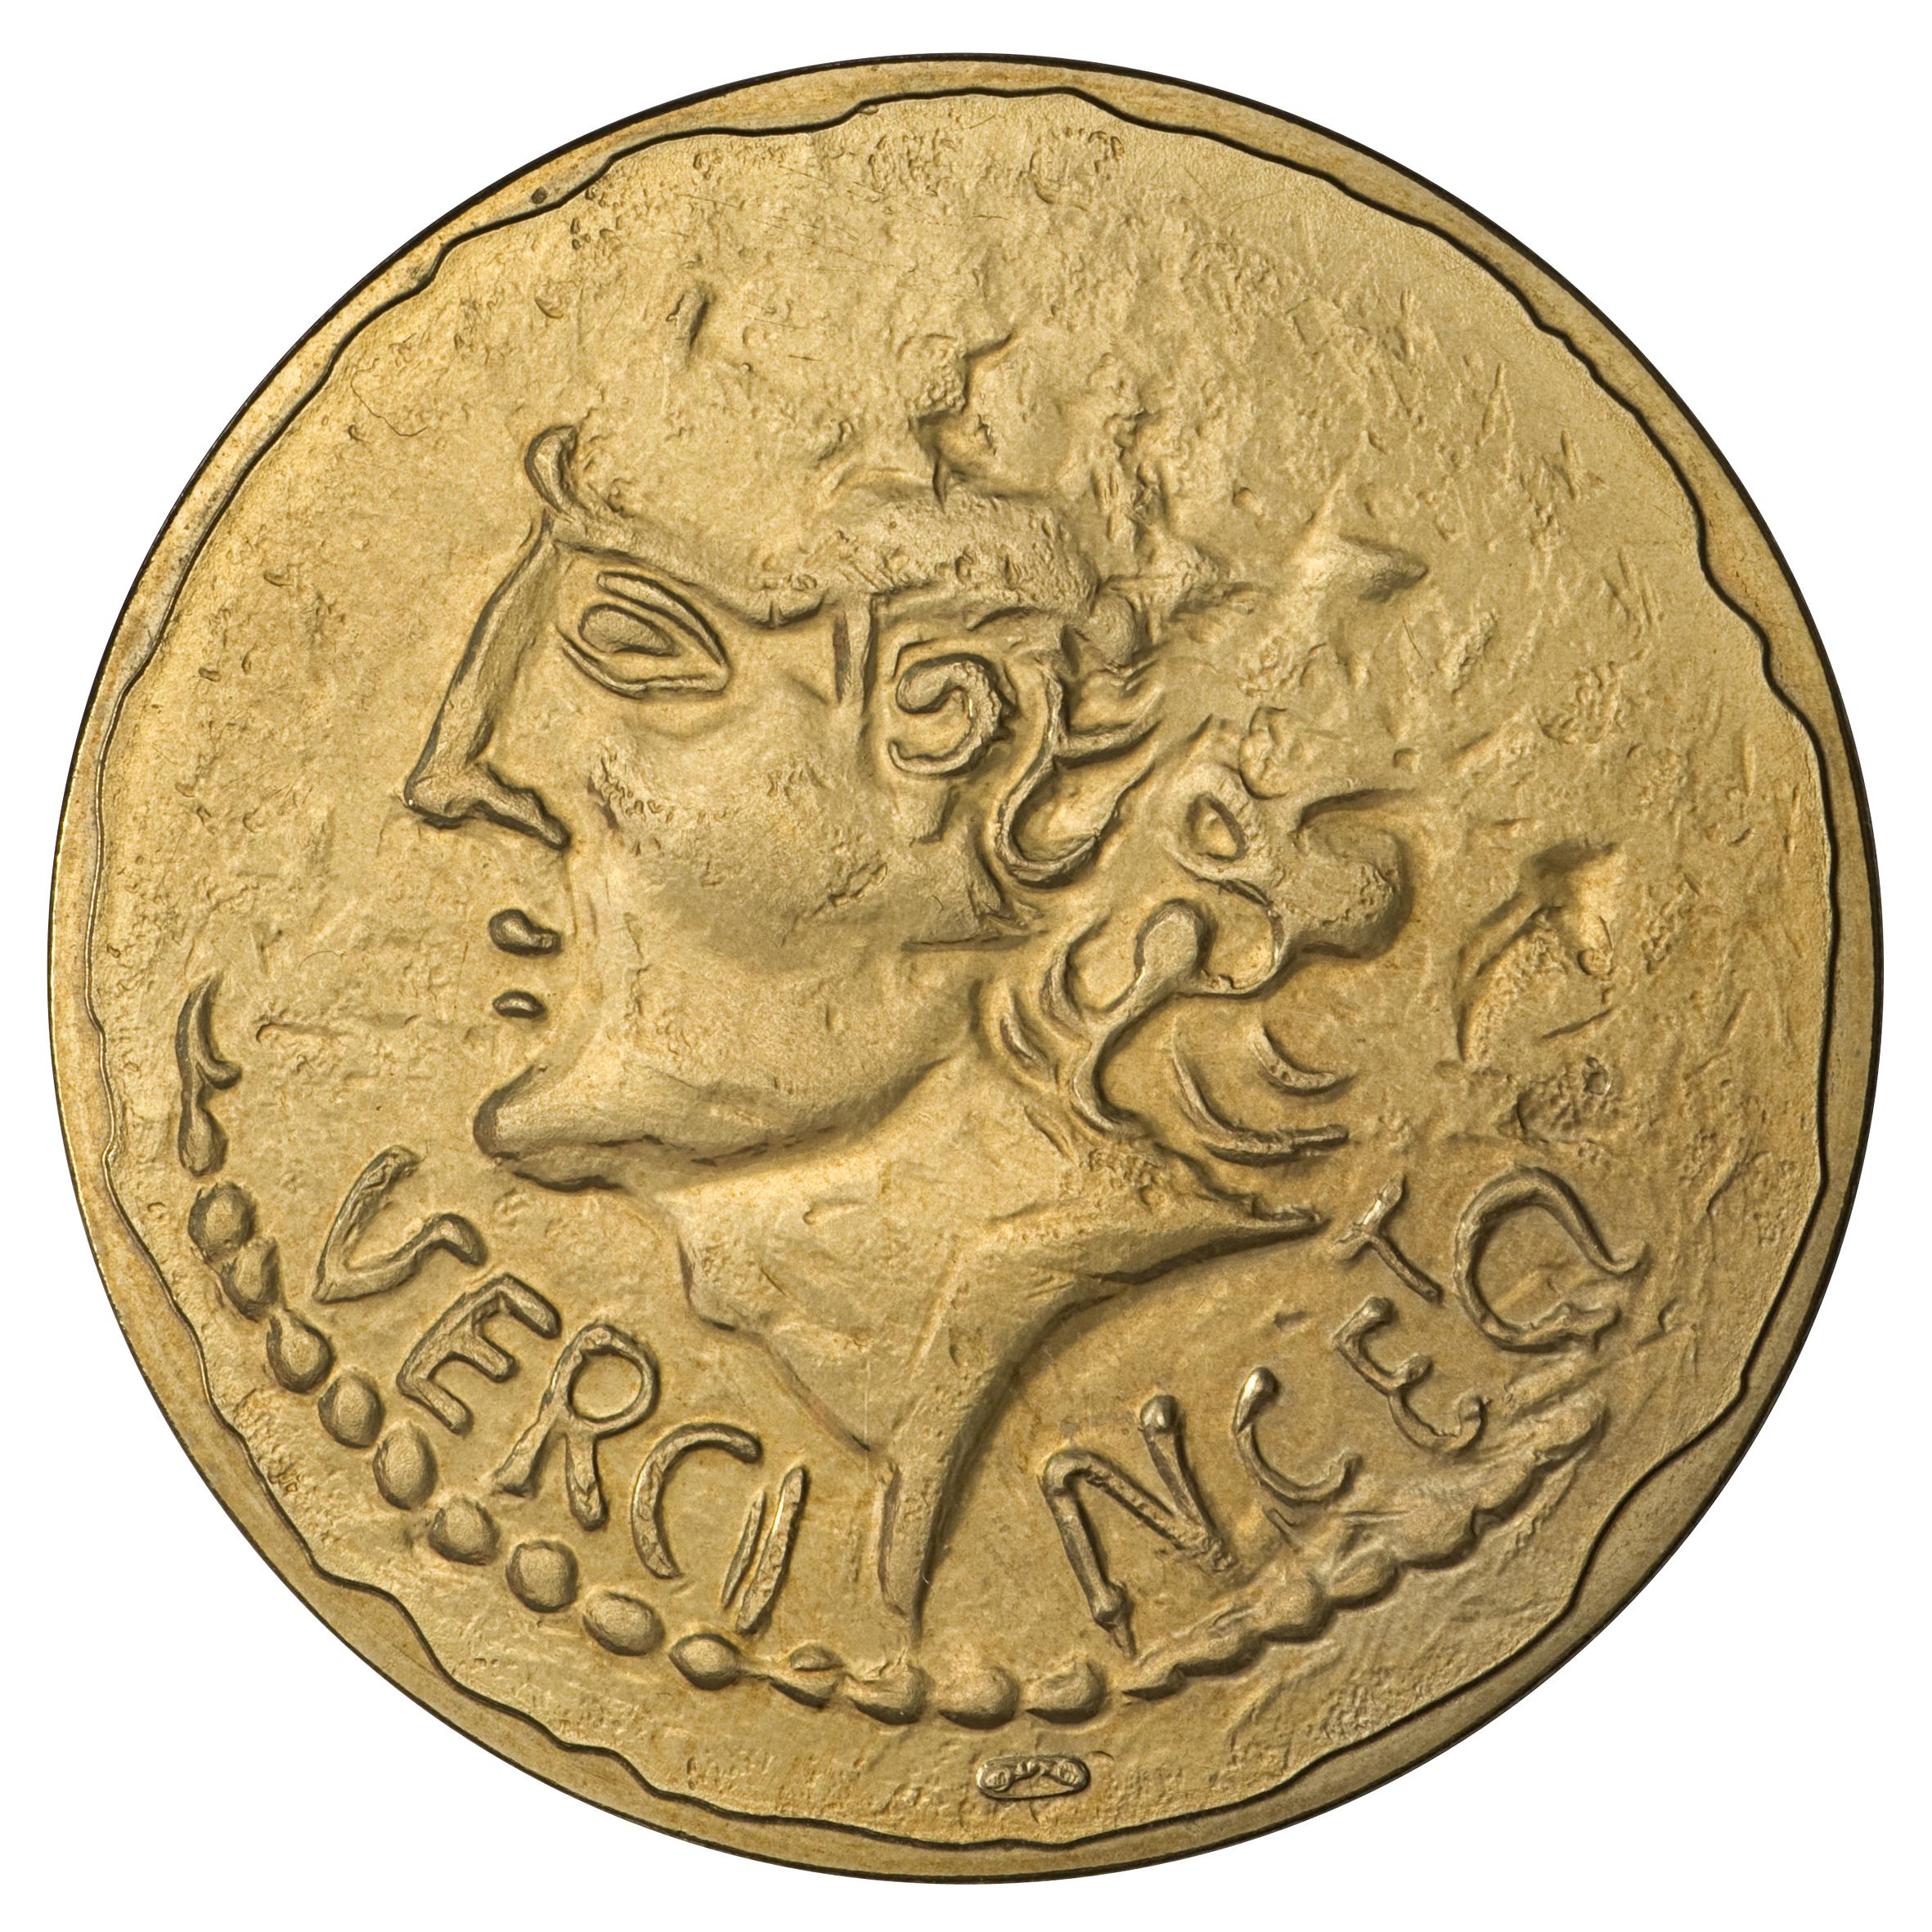 Pièce de collection - La monnaie de Paris avec Astérix (octobre 2013) 2013-08-28-154327-face-jeton-statere-gaulois